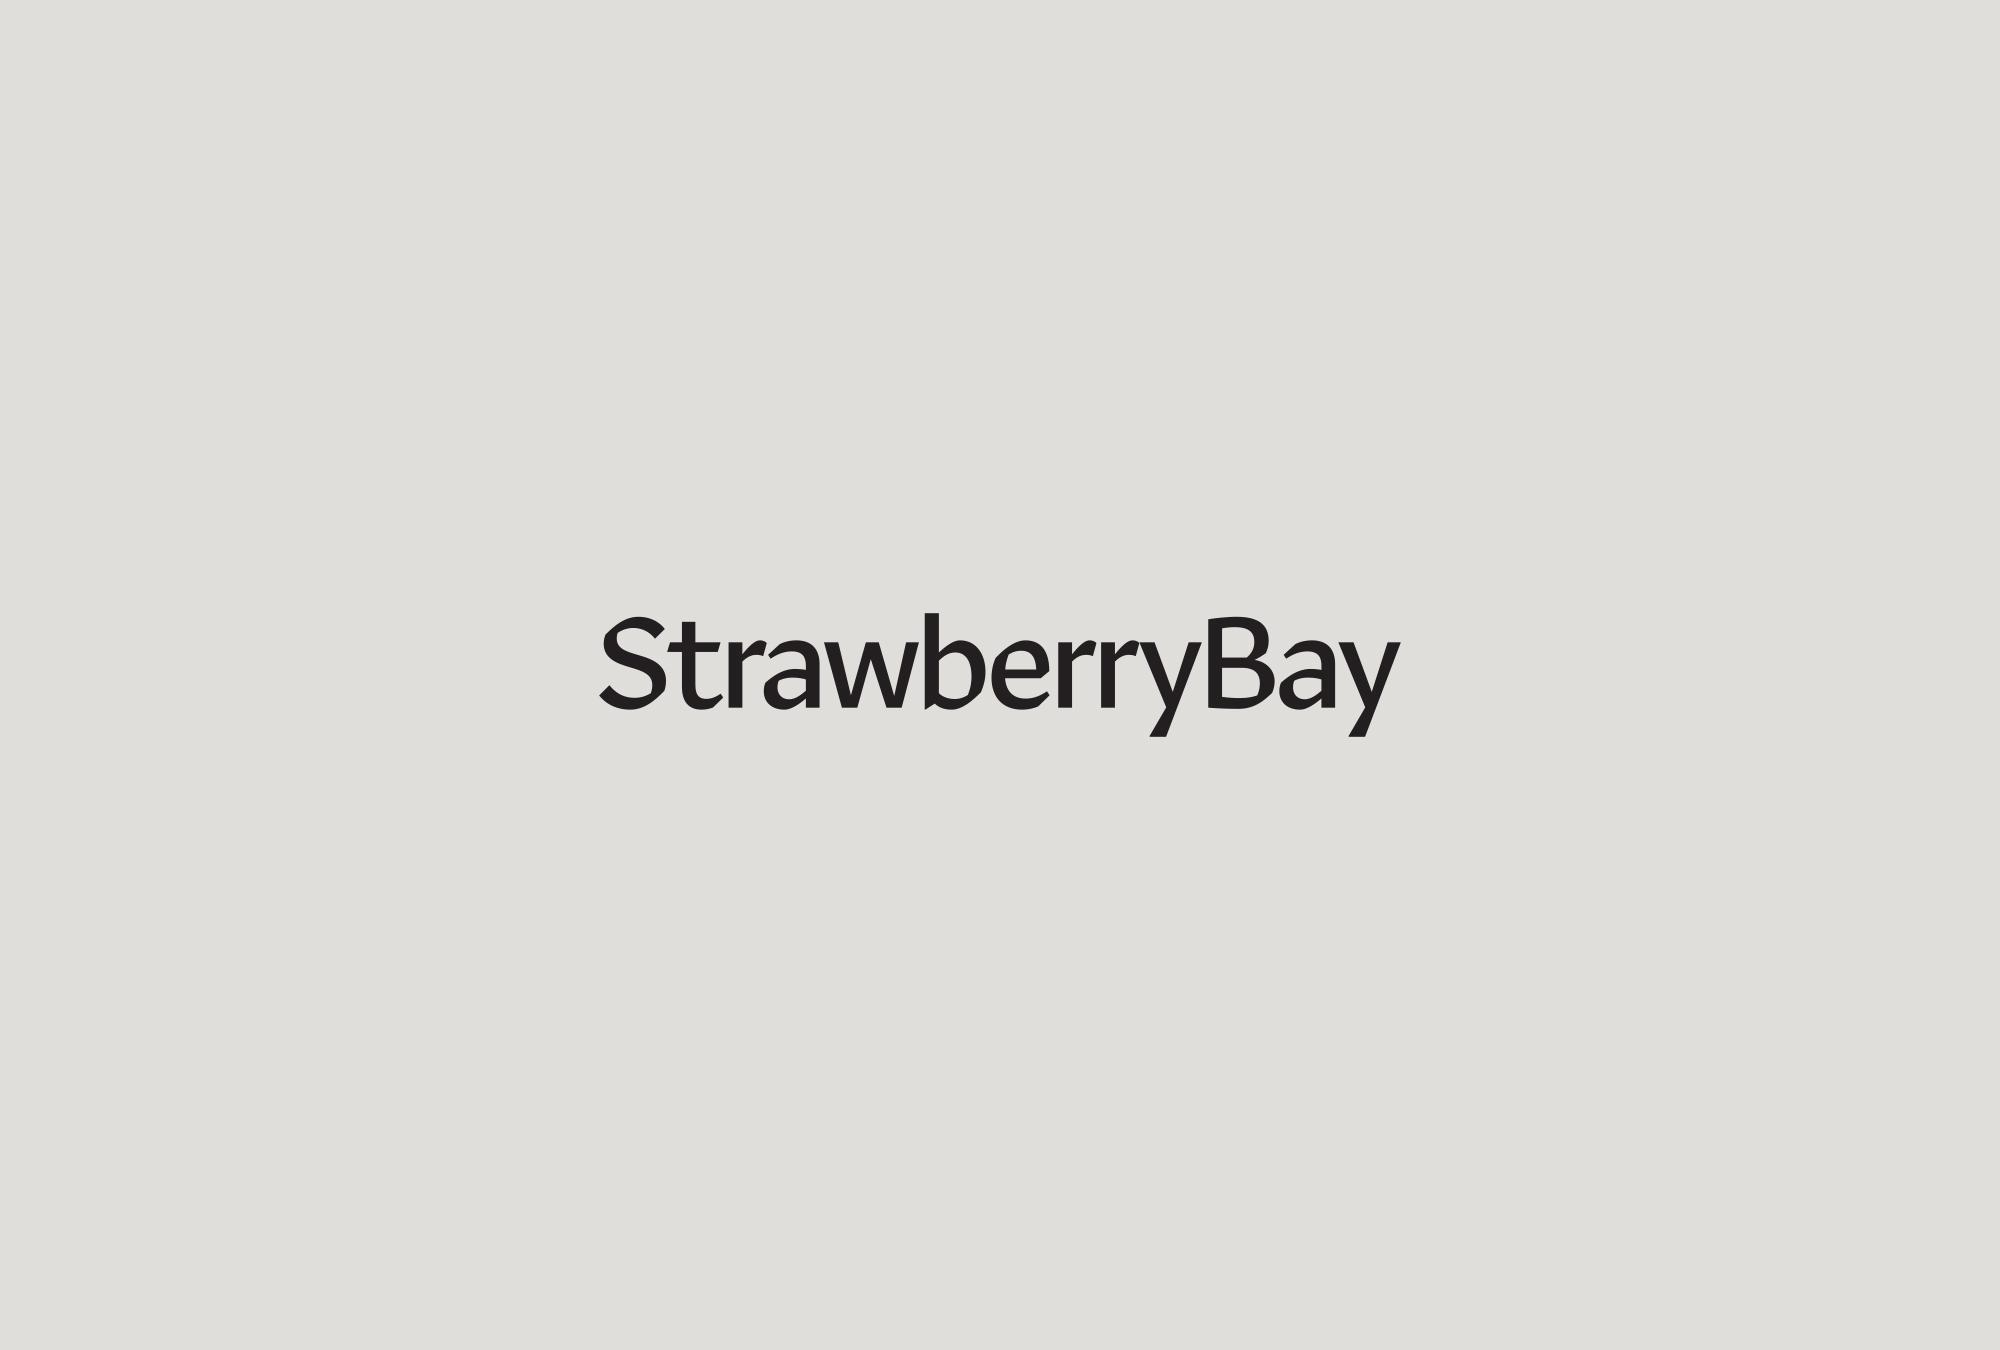 strawberrybay_logo